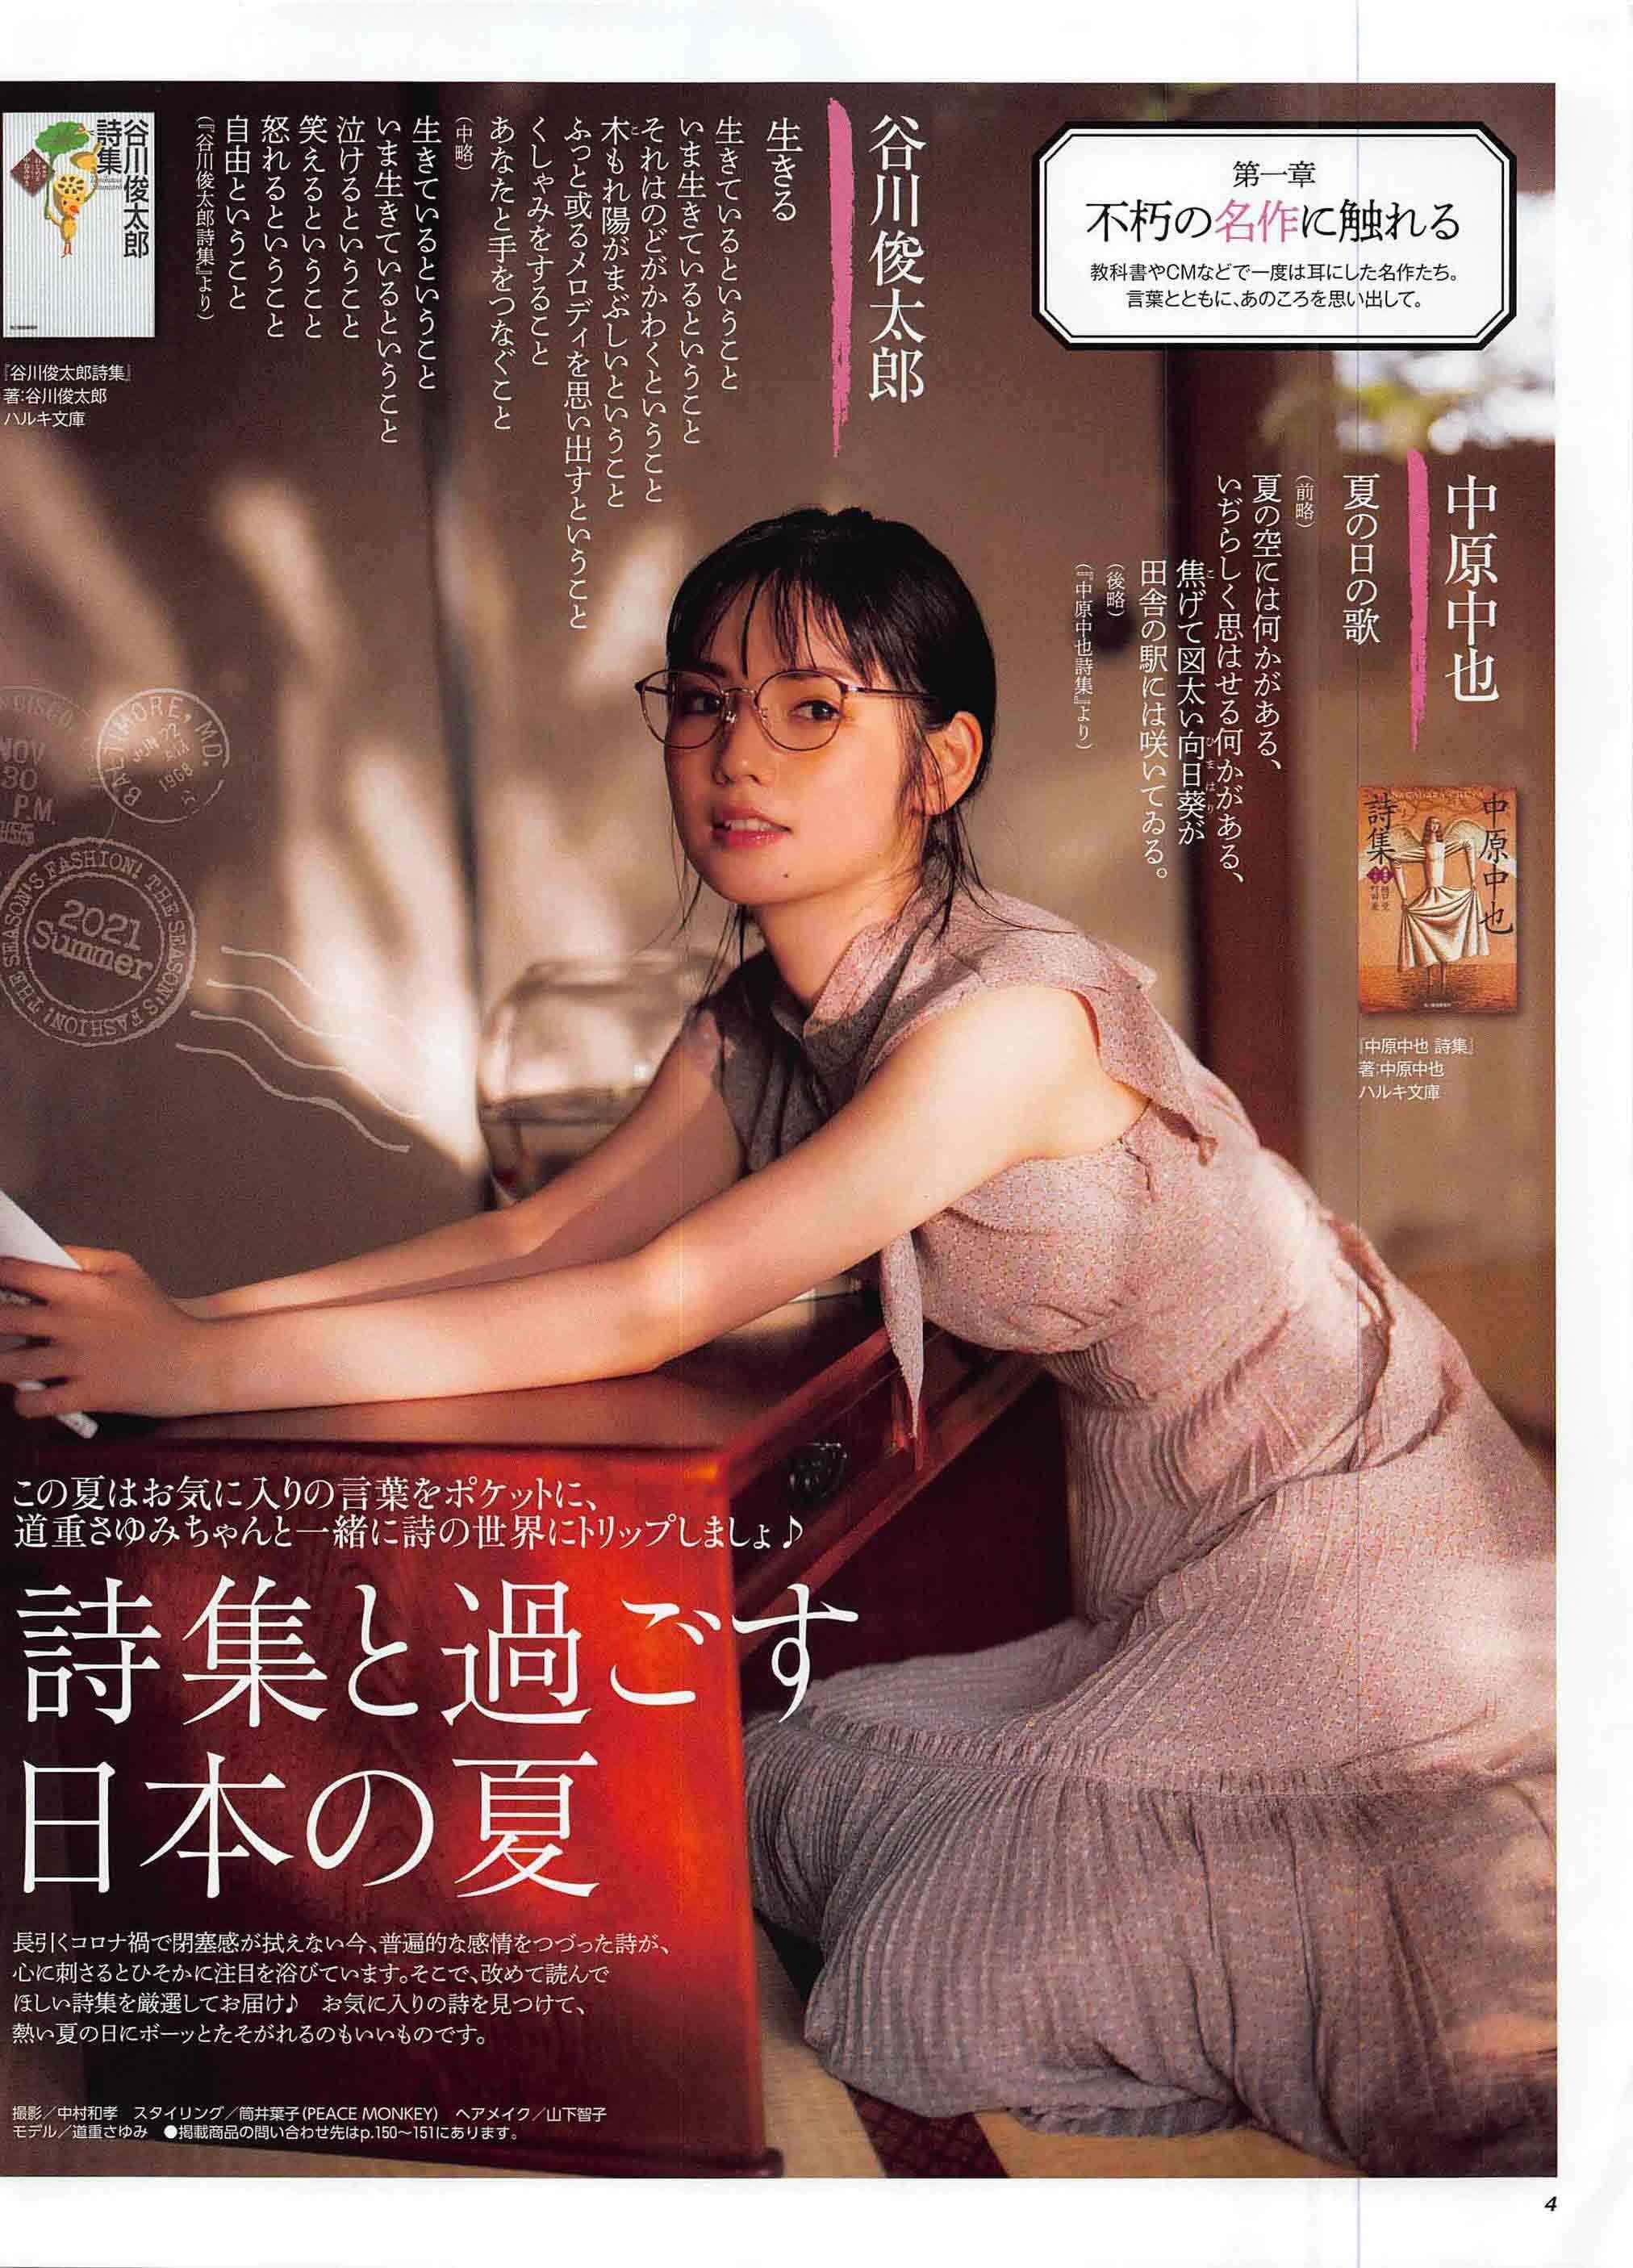 喵妹子写真专辑(第14辑) 养眼图片 第26张